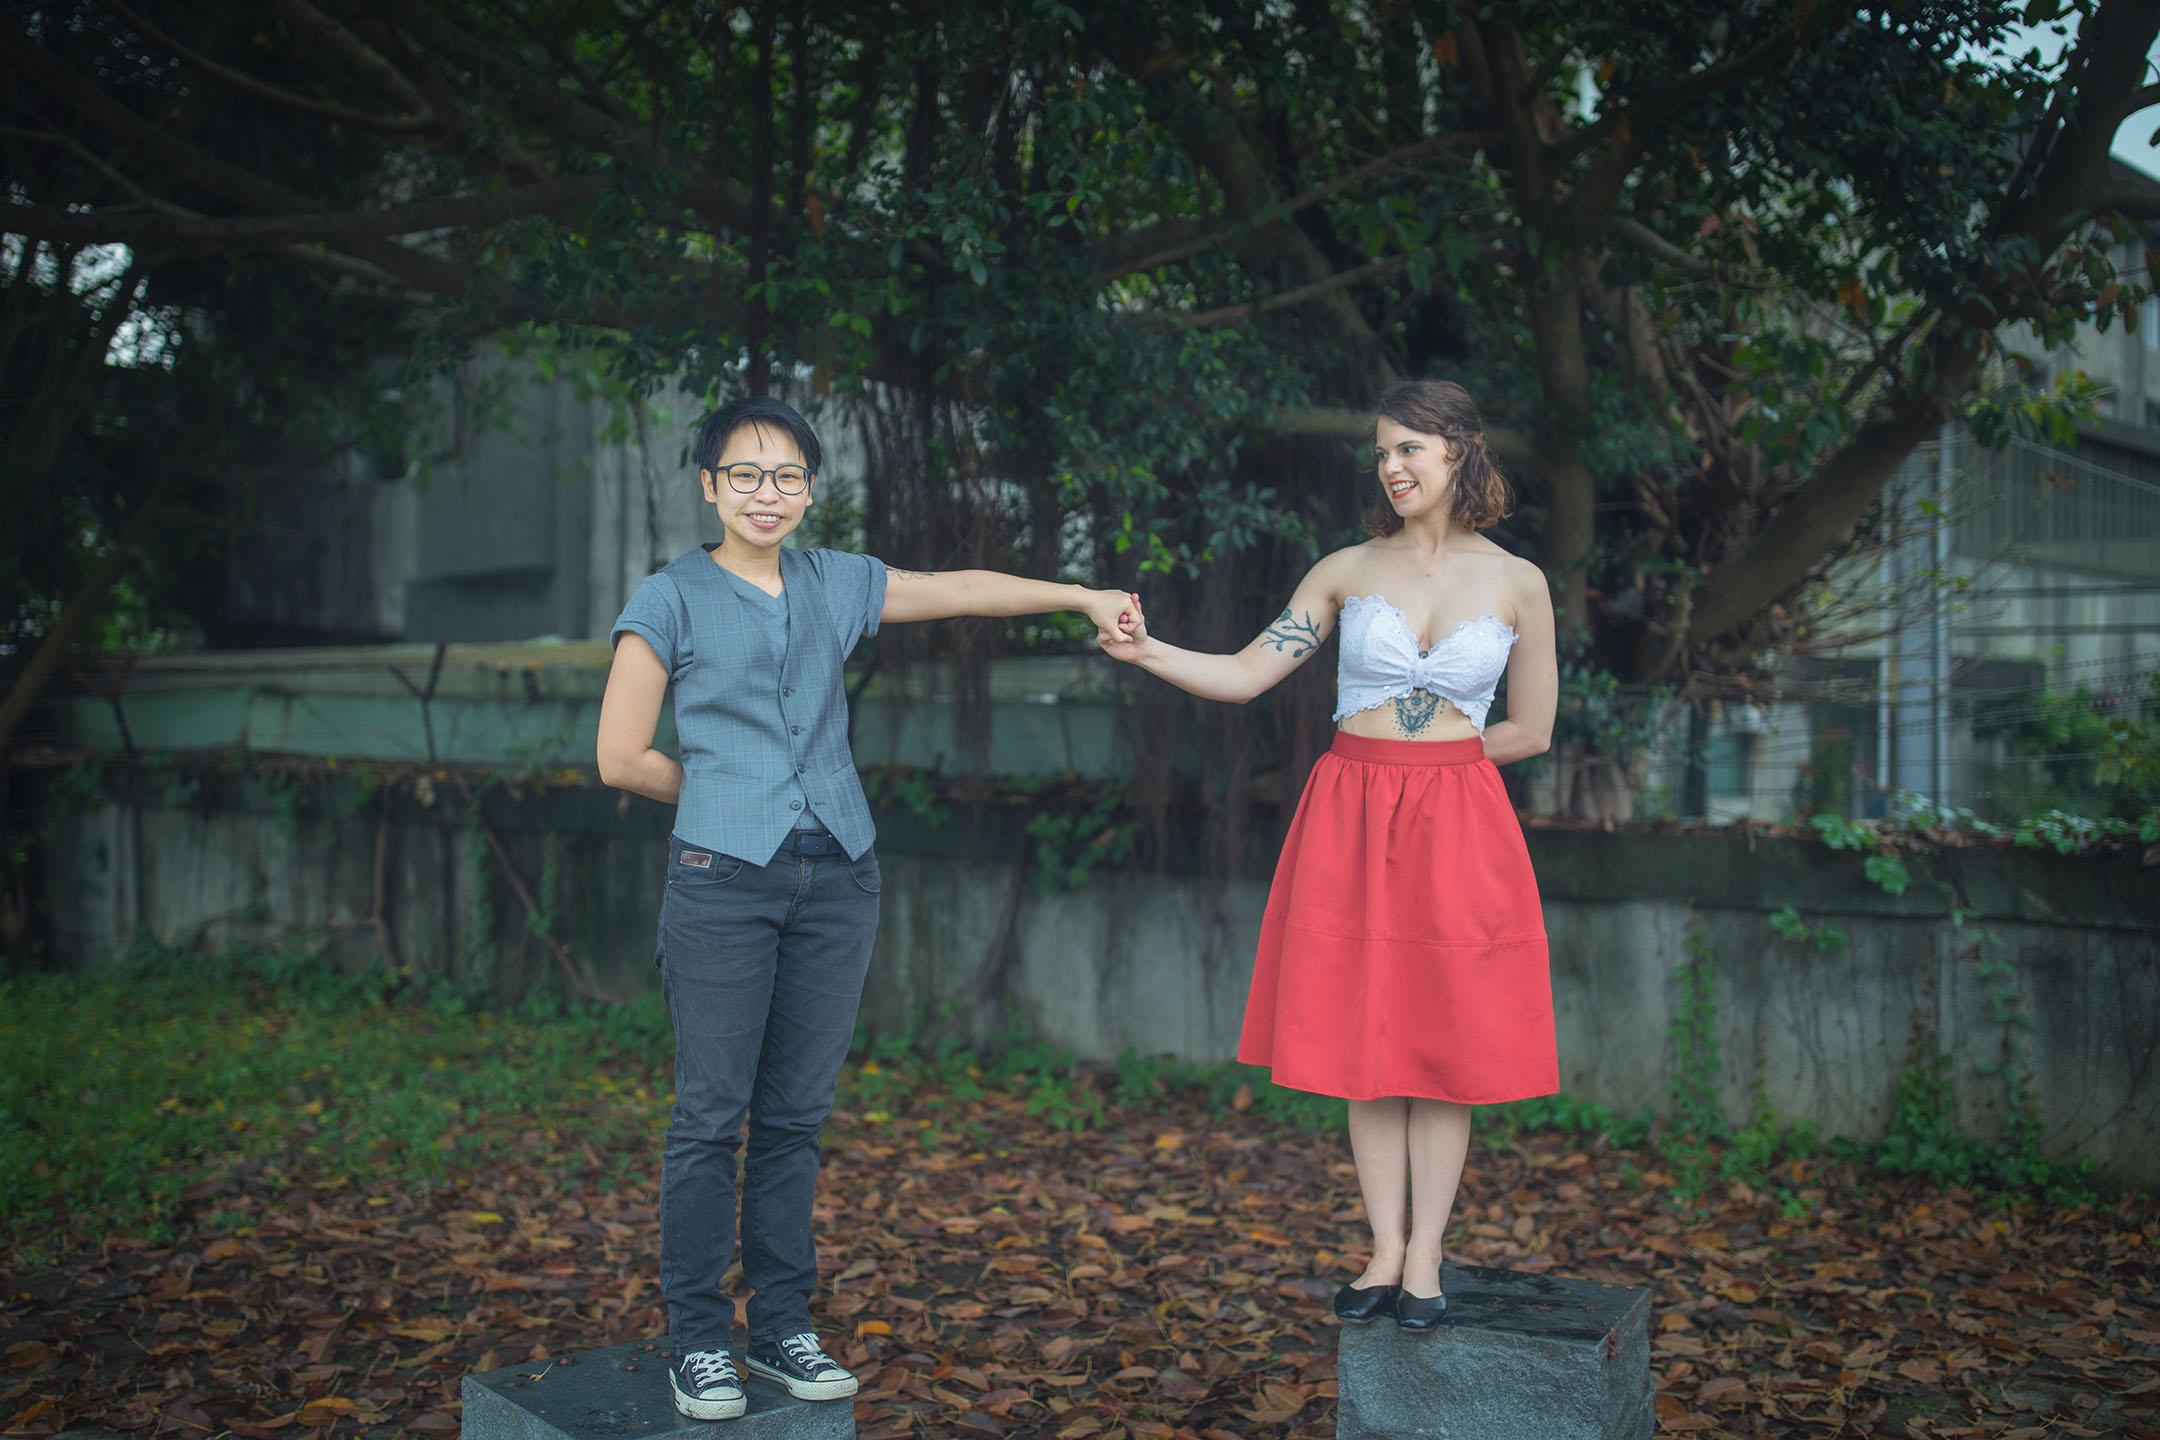 Hannah(右)跟Zach(左)將於五月結婚。 攝:陳焯煇/端傳媒